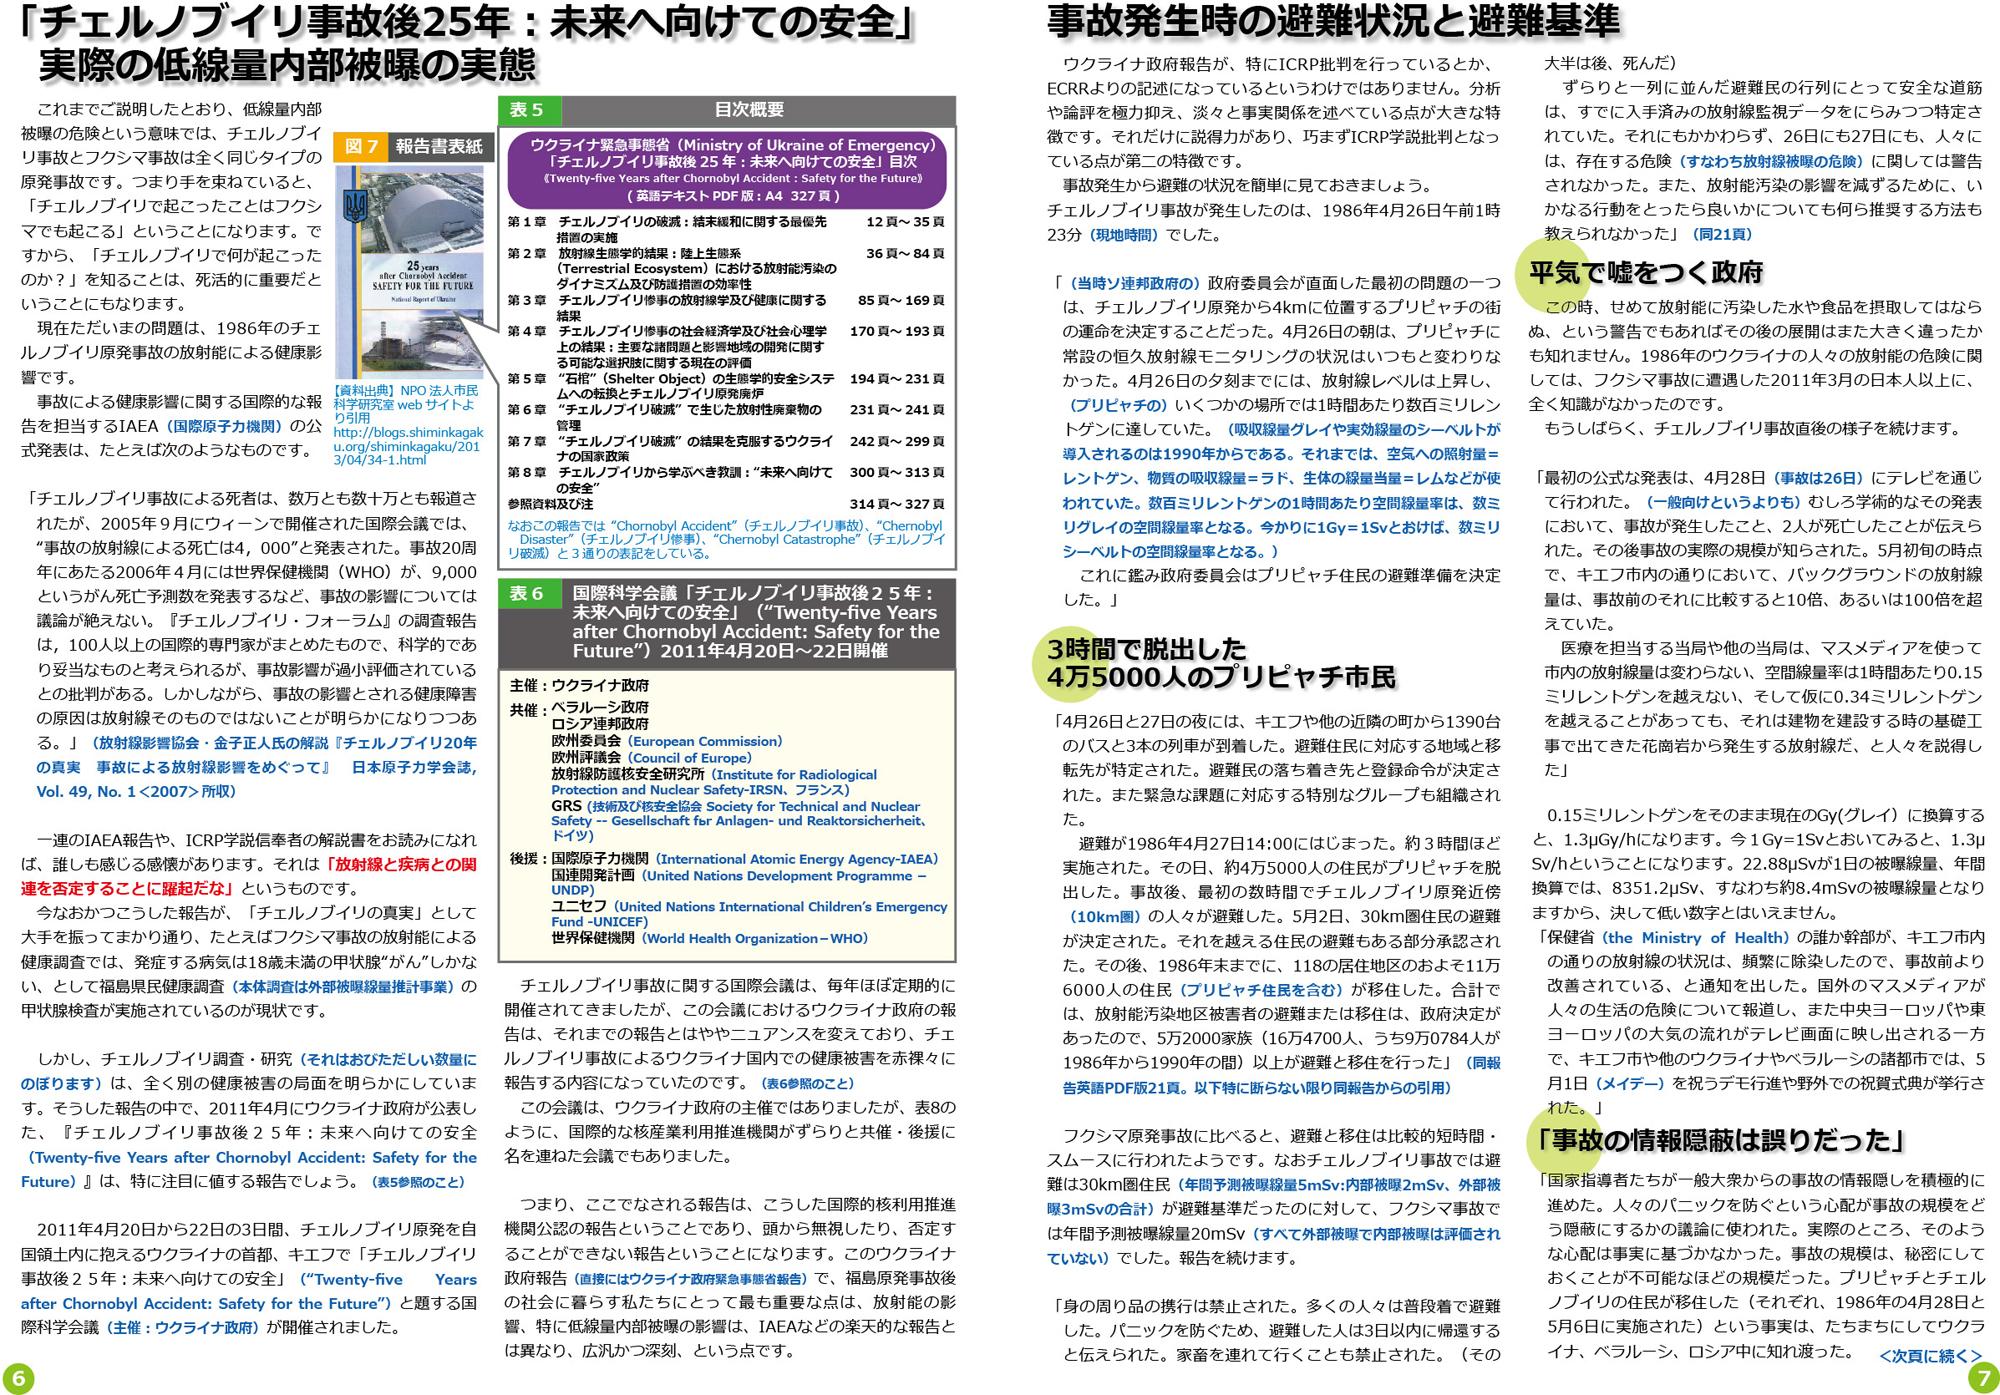 ファイル 63-4.jpg